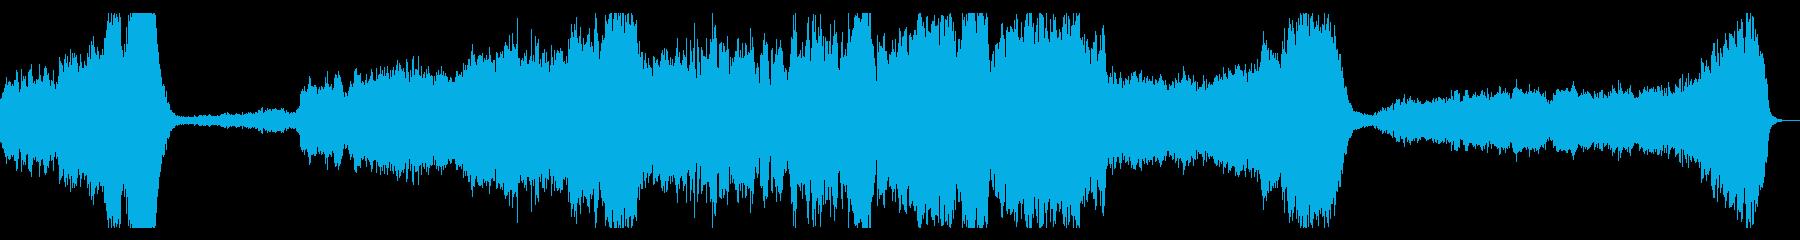 ダークファンタジー系 オーケストラBGMの再生済みの波形